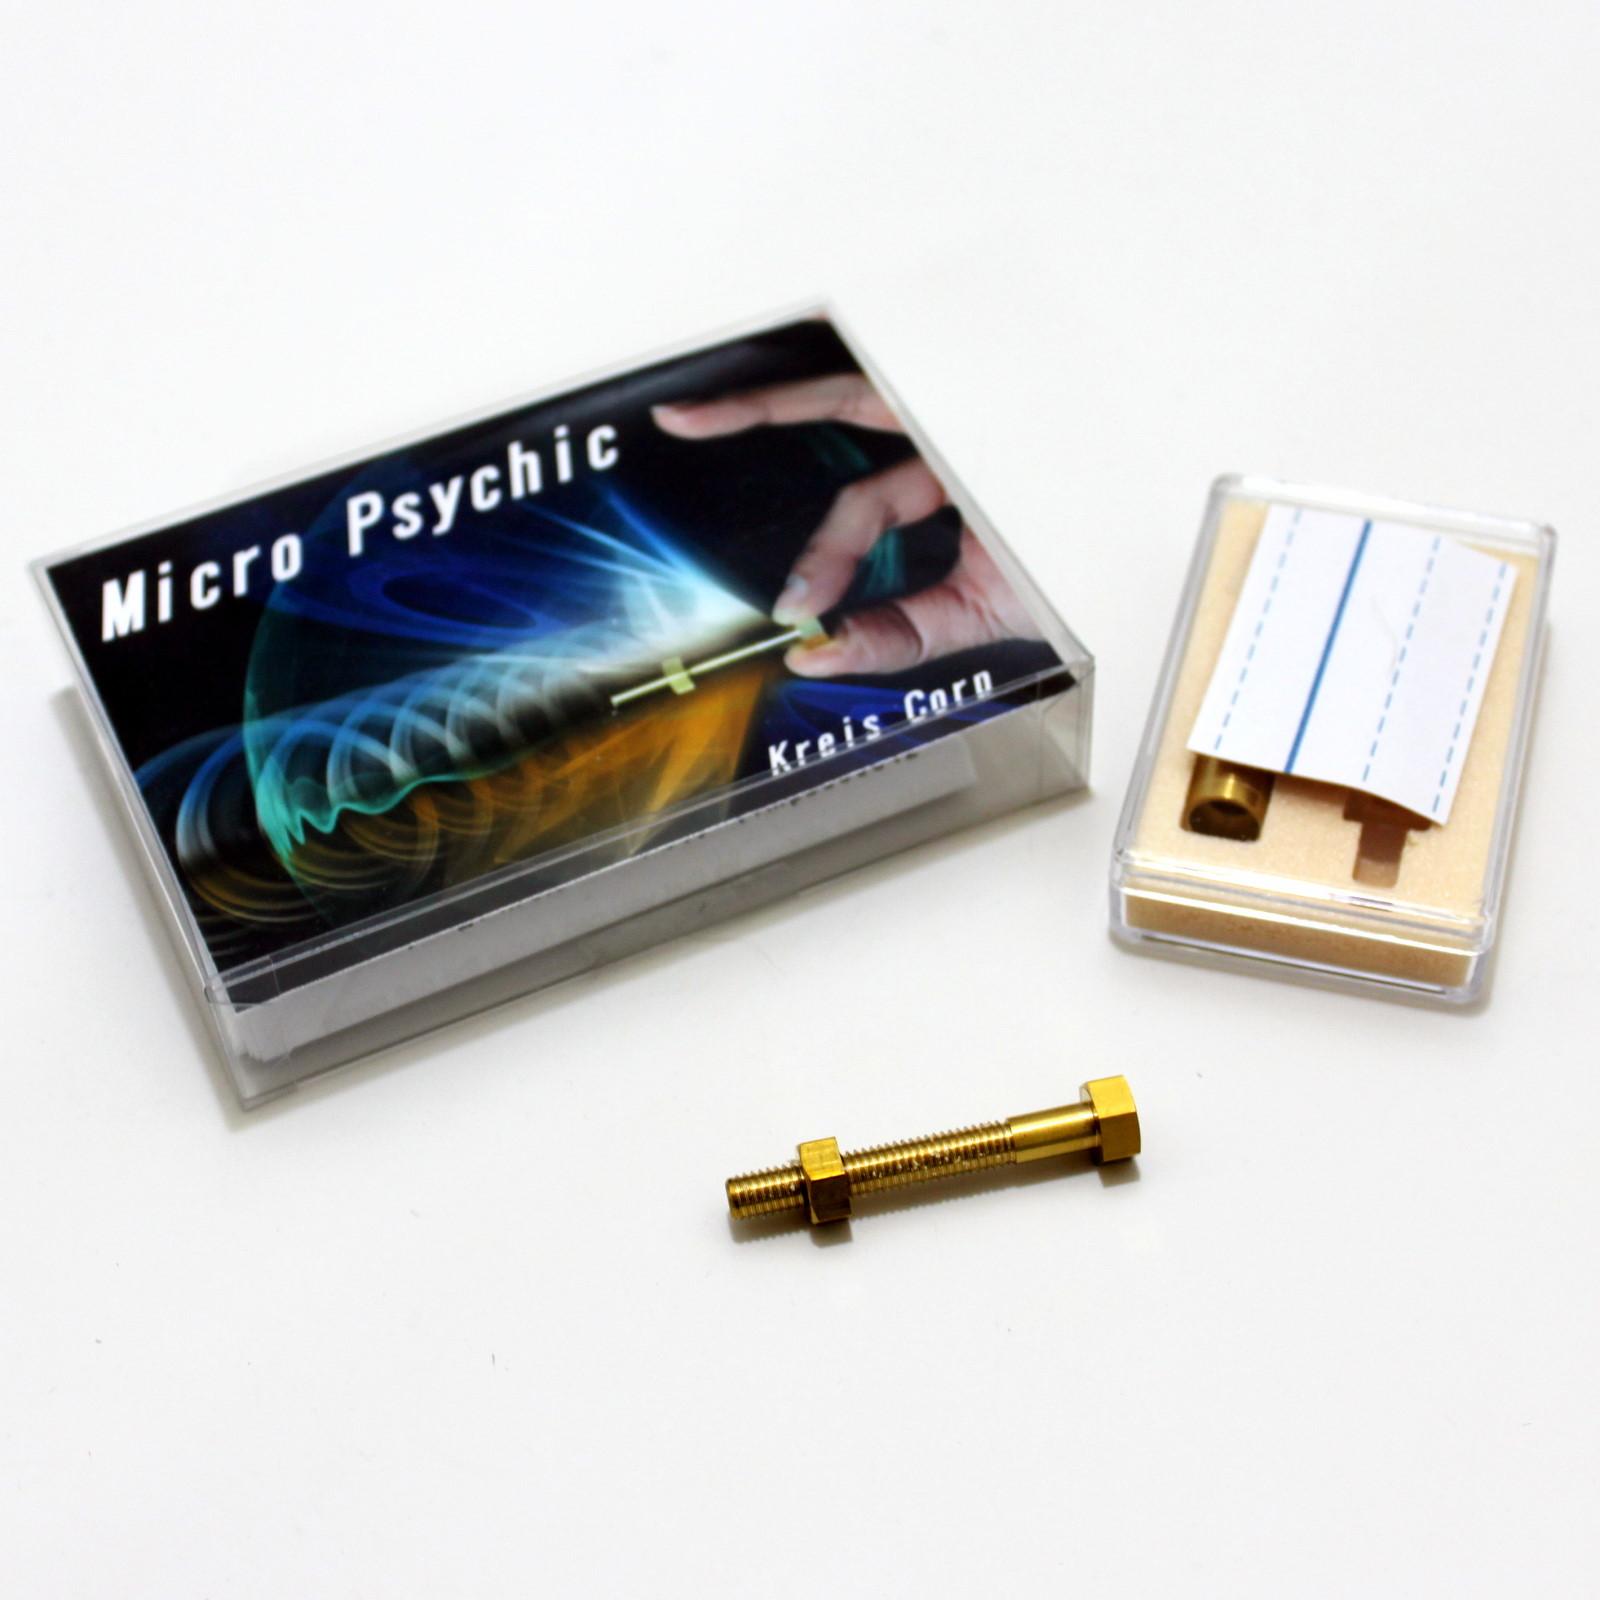 Micro Psychic by Kreis Magic